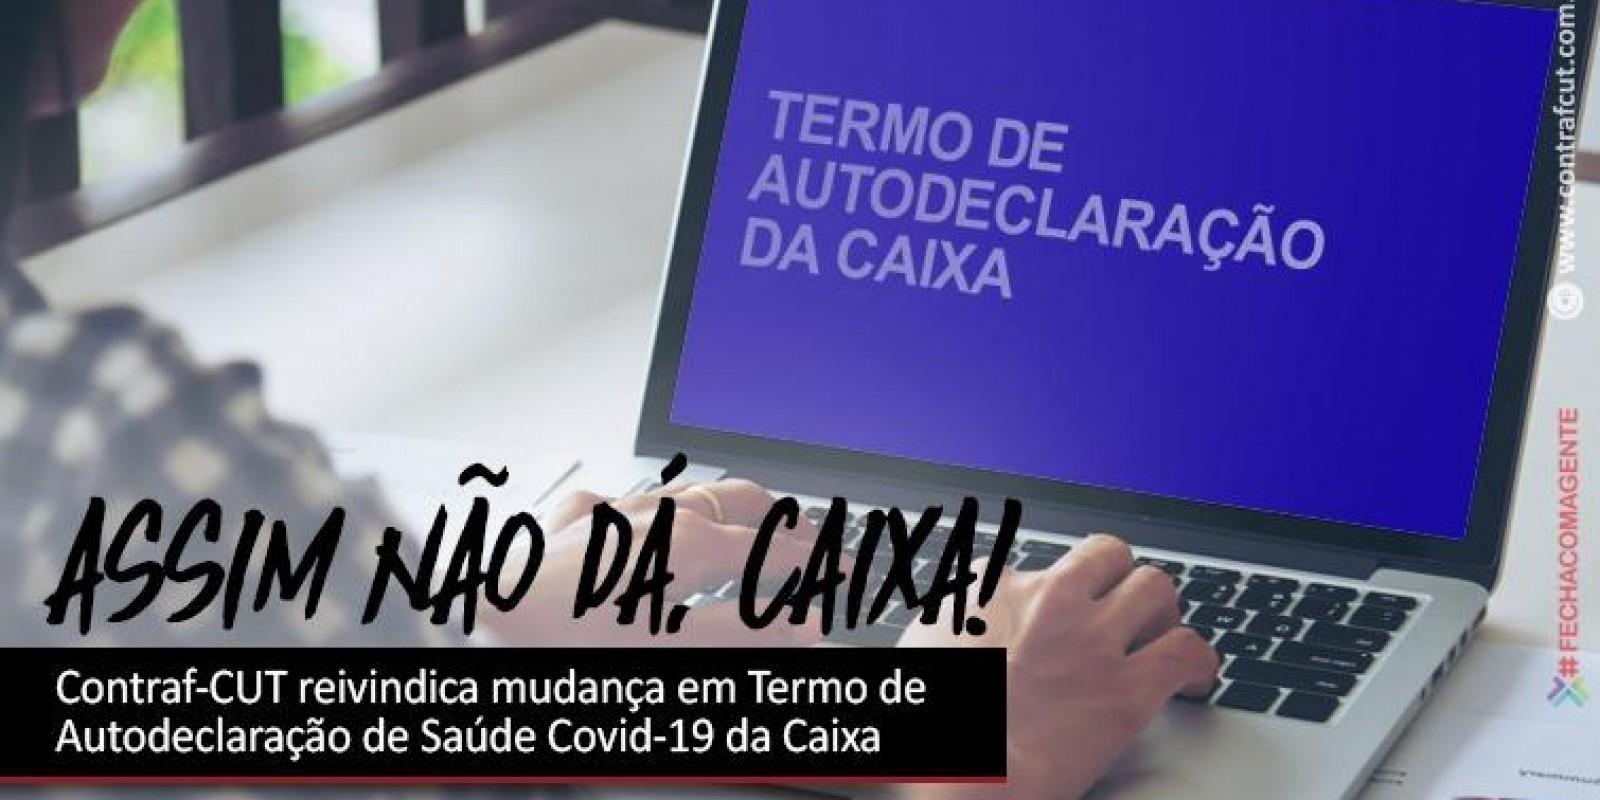 Contraf-CUT reivindica mudança em Termo de Autodeclaração de Saúde Covid-19 da Caixa